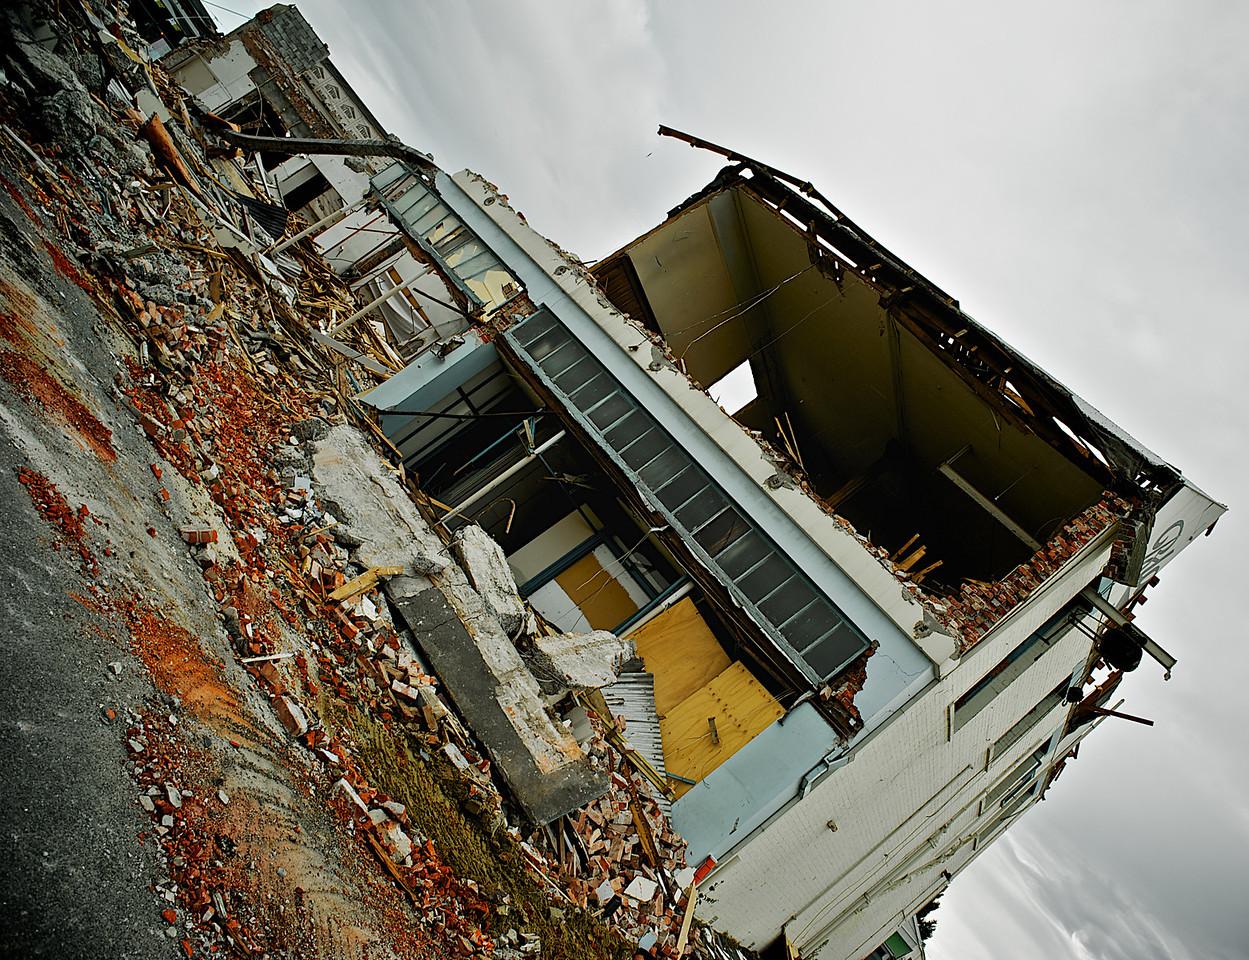 Shattered<br /> Blackwells_2011-03-01_17-20-26_DSC_9283_©RichardLaing(2011)